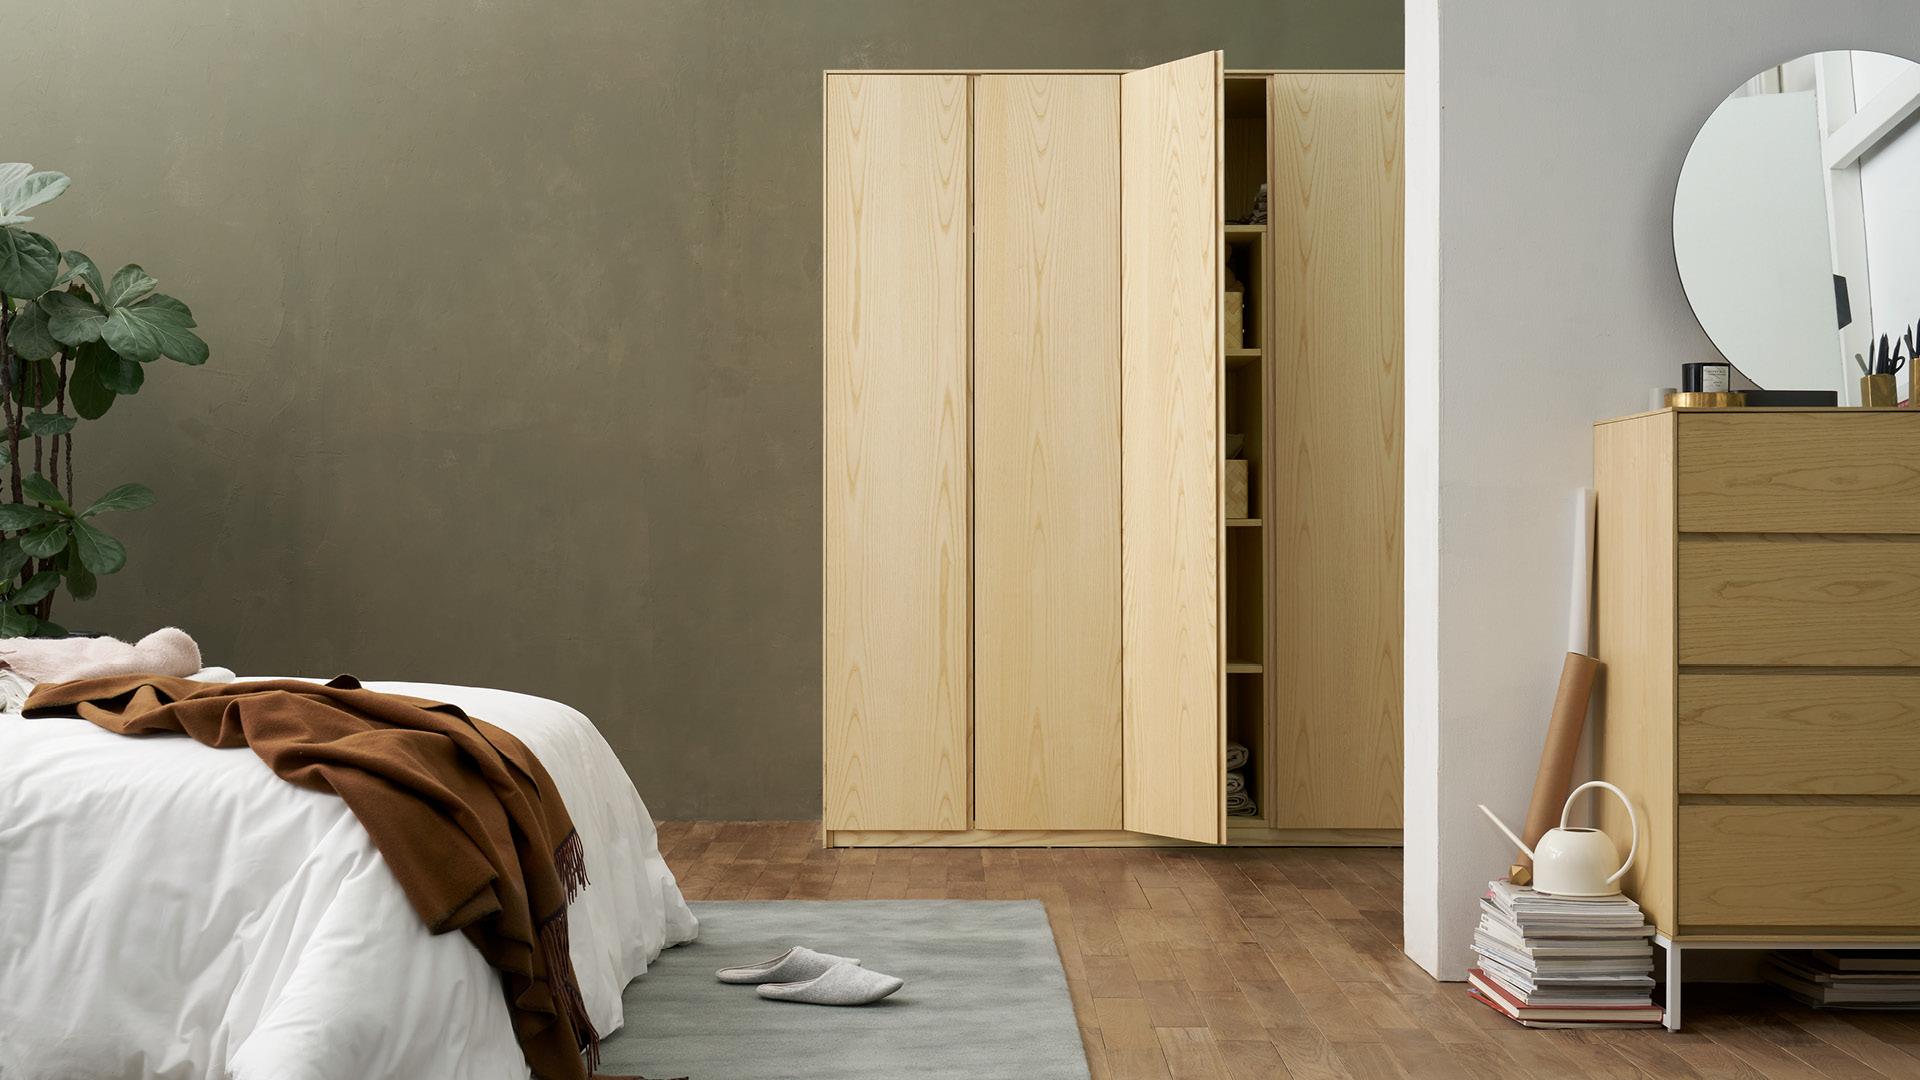 同系列画板连用,浸润全屋木质底色